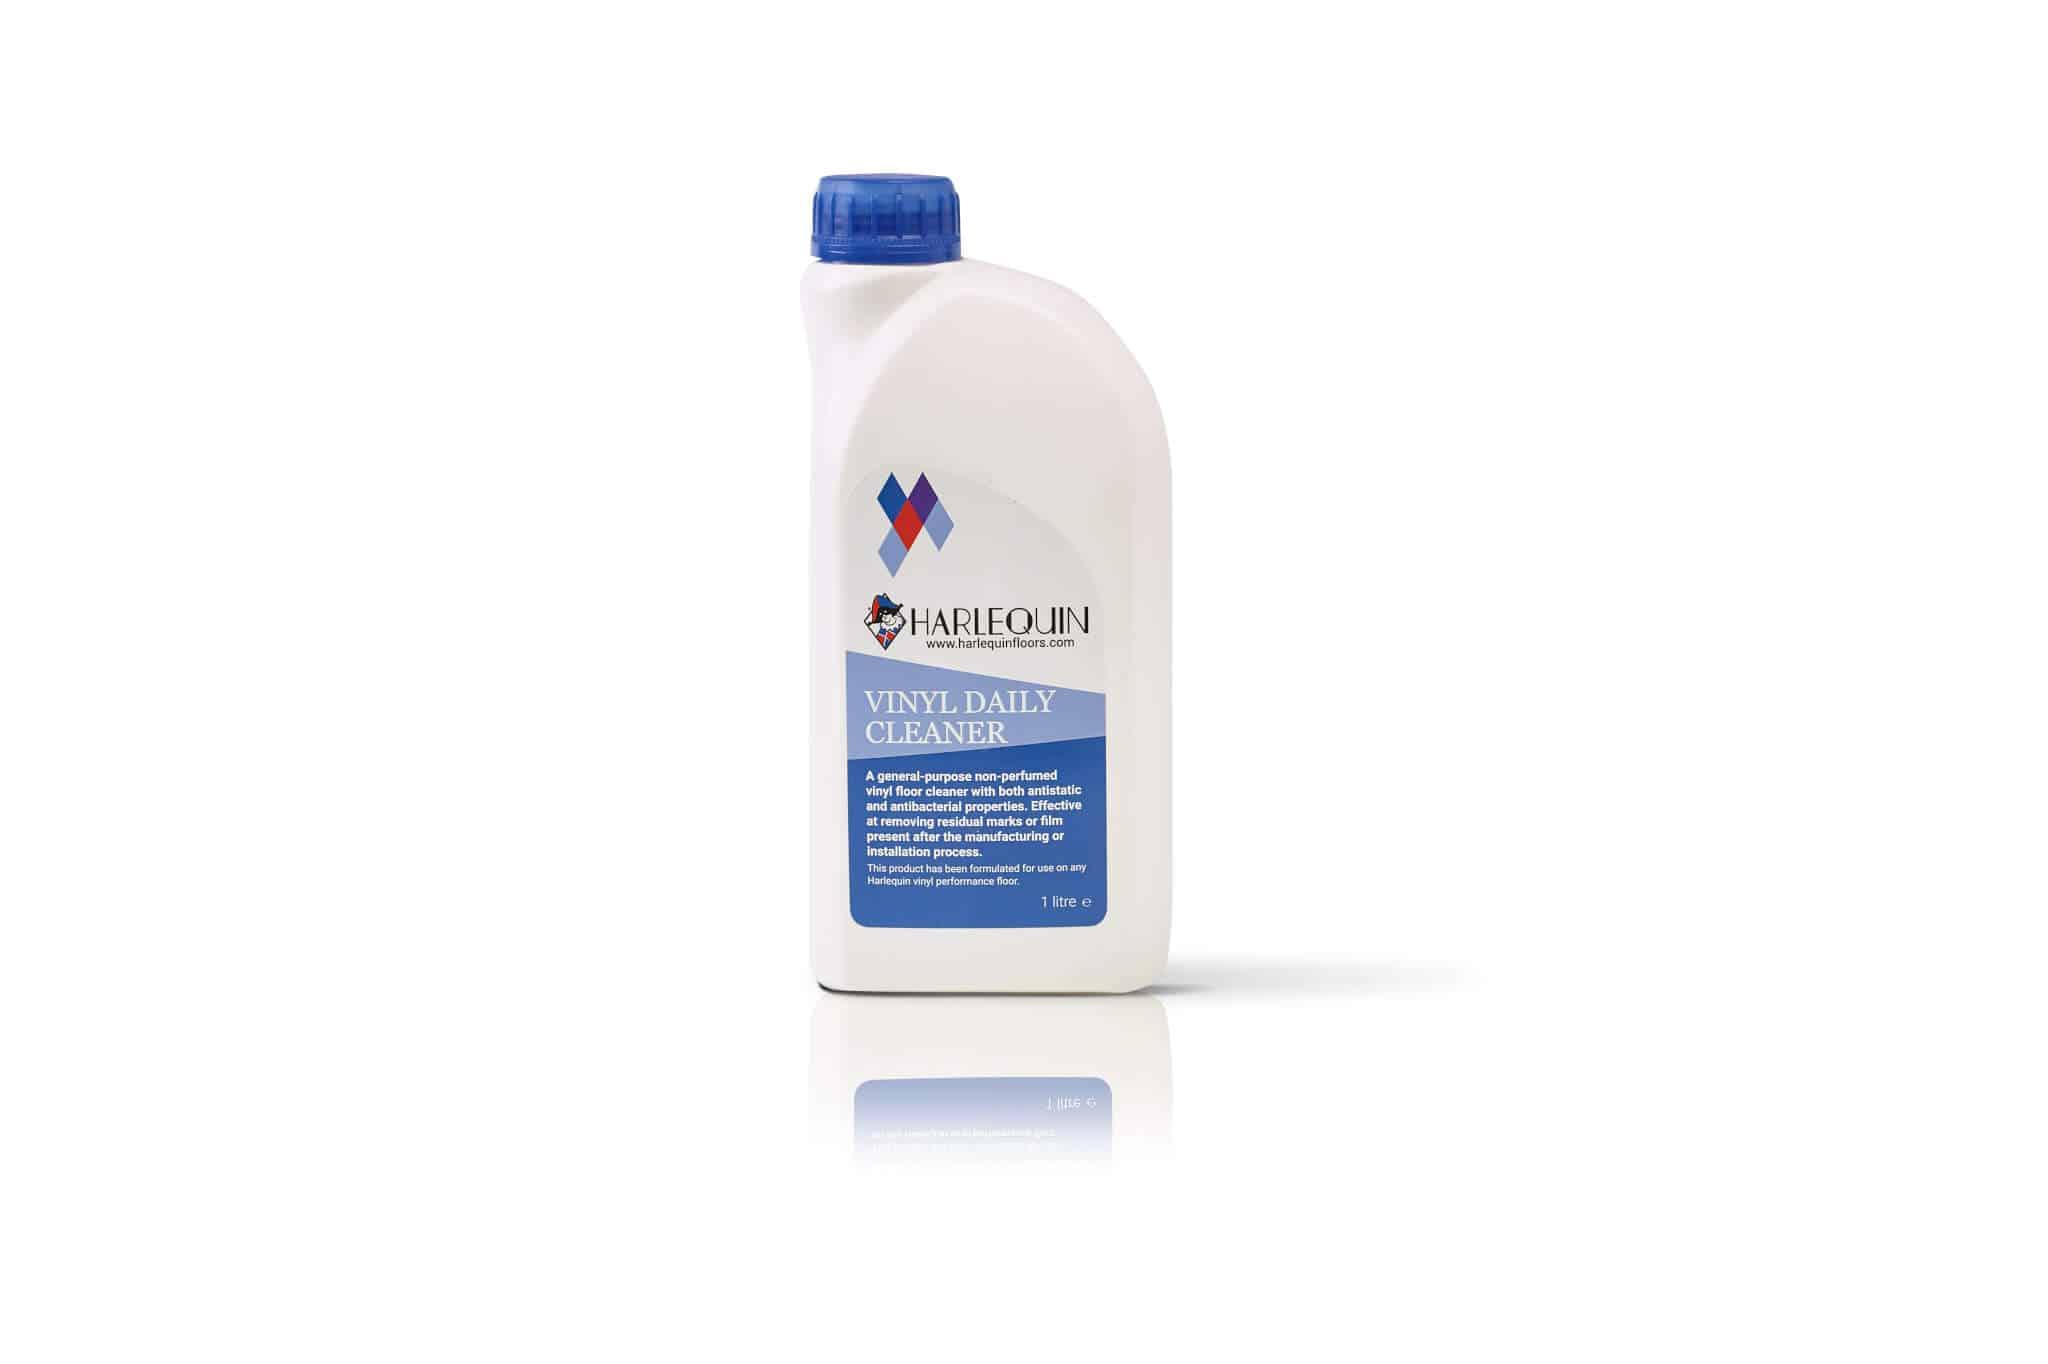 Harlequin Vinyl Daily Cleaner in einer Literflasche